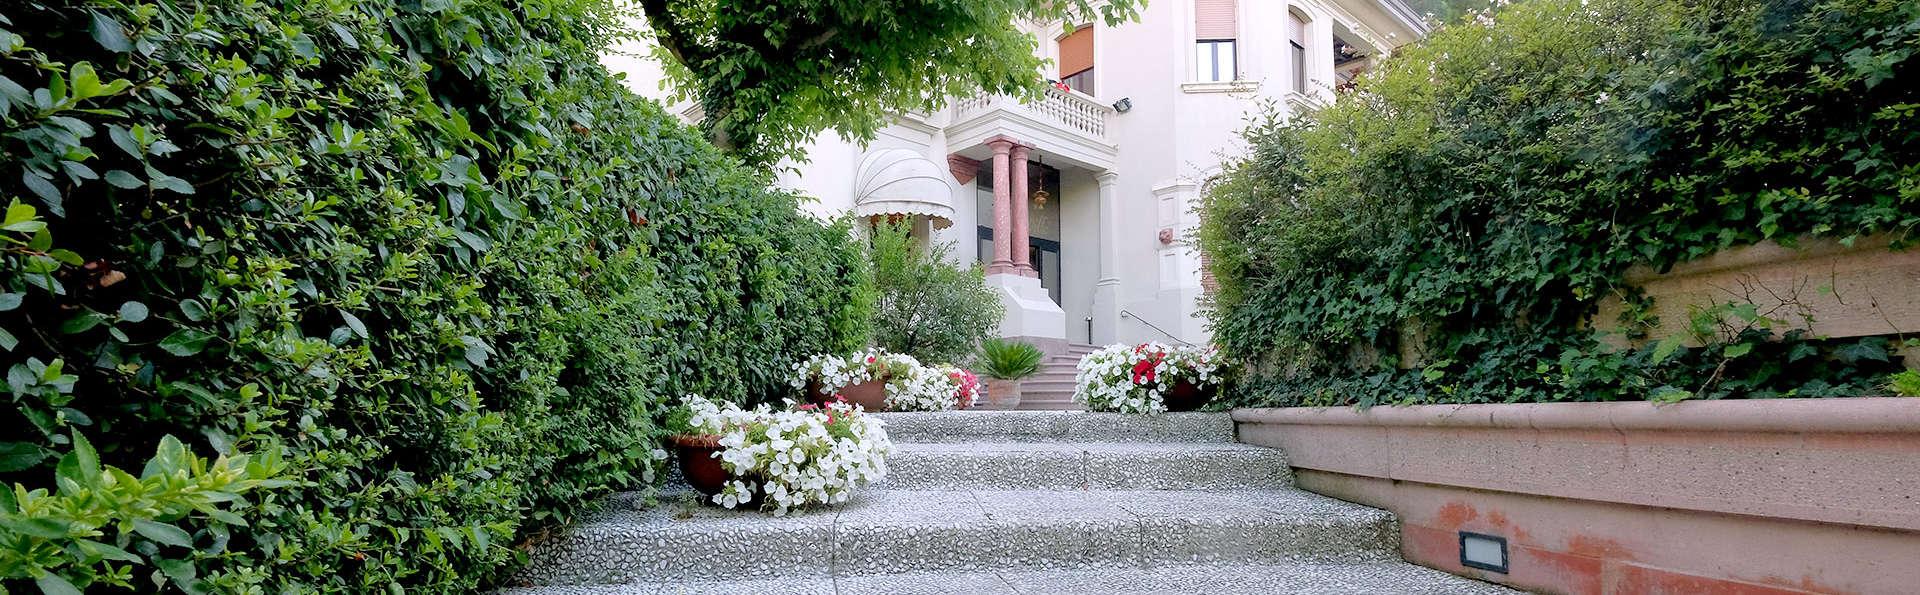 Hotel De La Ville - Edit_Entry2.jpg